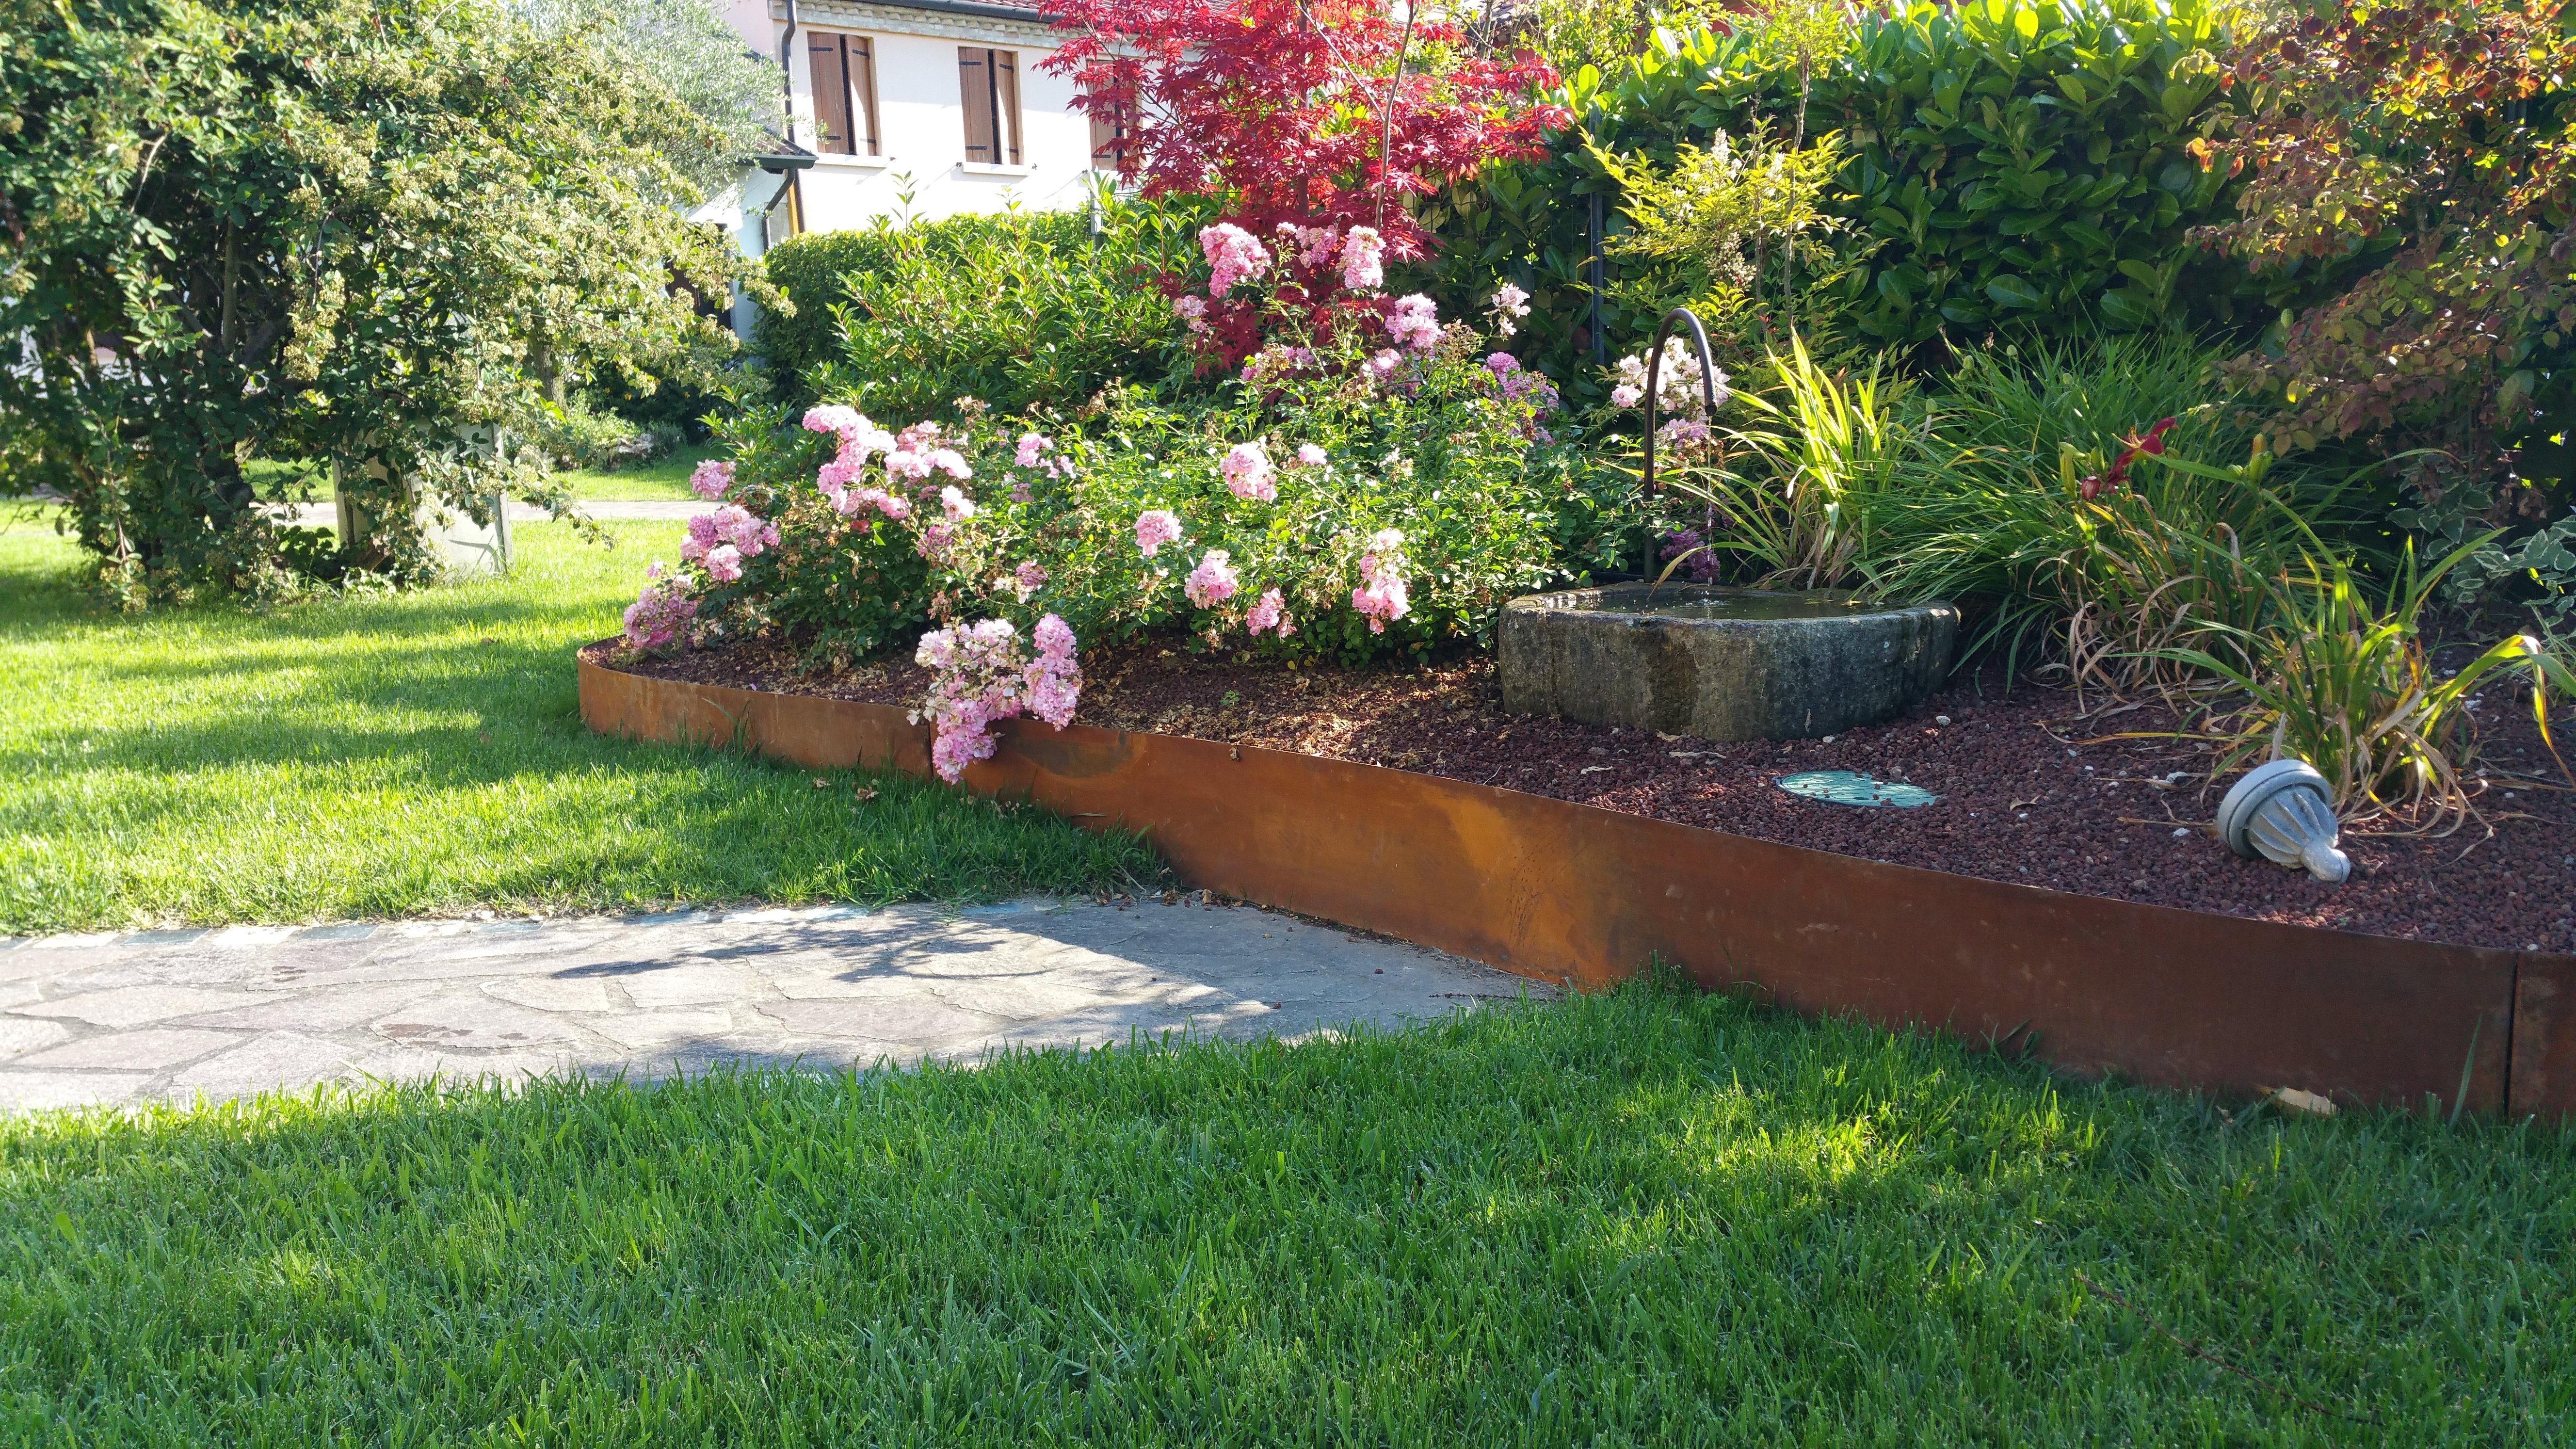 giardino con fiori e piante